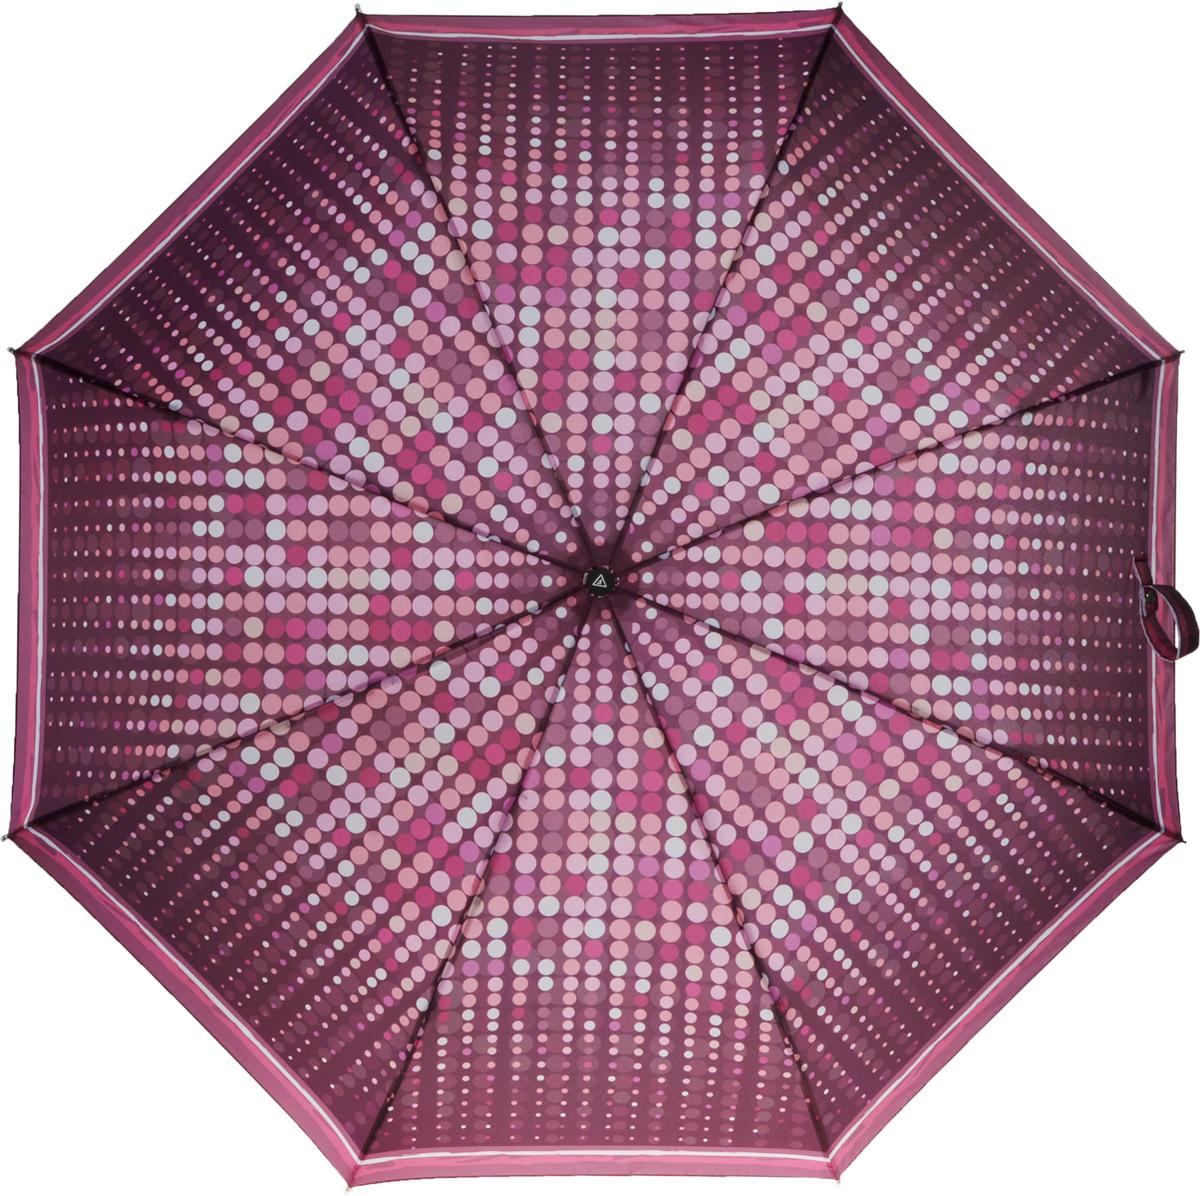 Зонт женский Fabretti, автомат, 3 сложения, цвет: бордовый. L-16102-8L-16102-8Зонт женский Fabretti, облегченный суперавтомат, 3 сложения